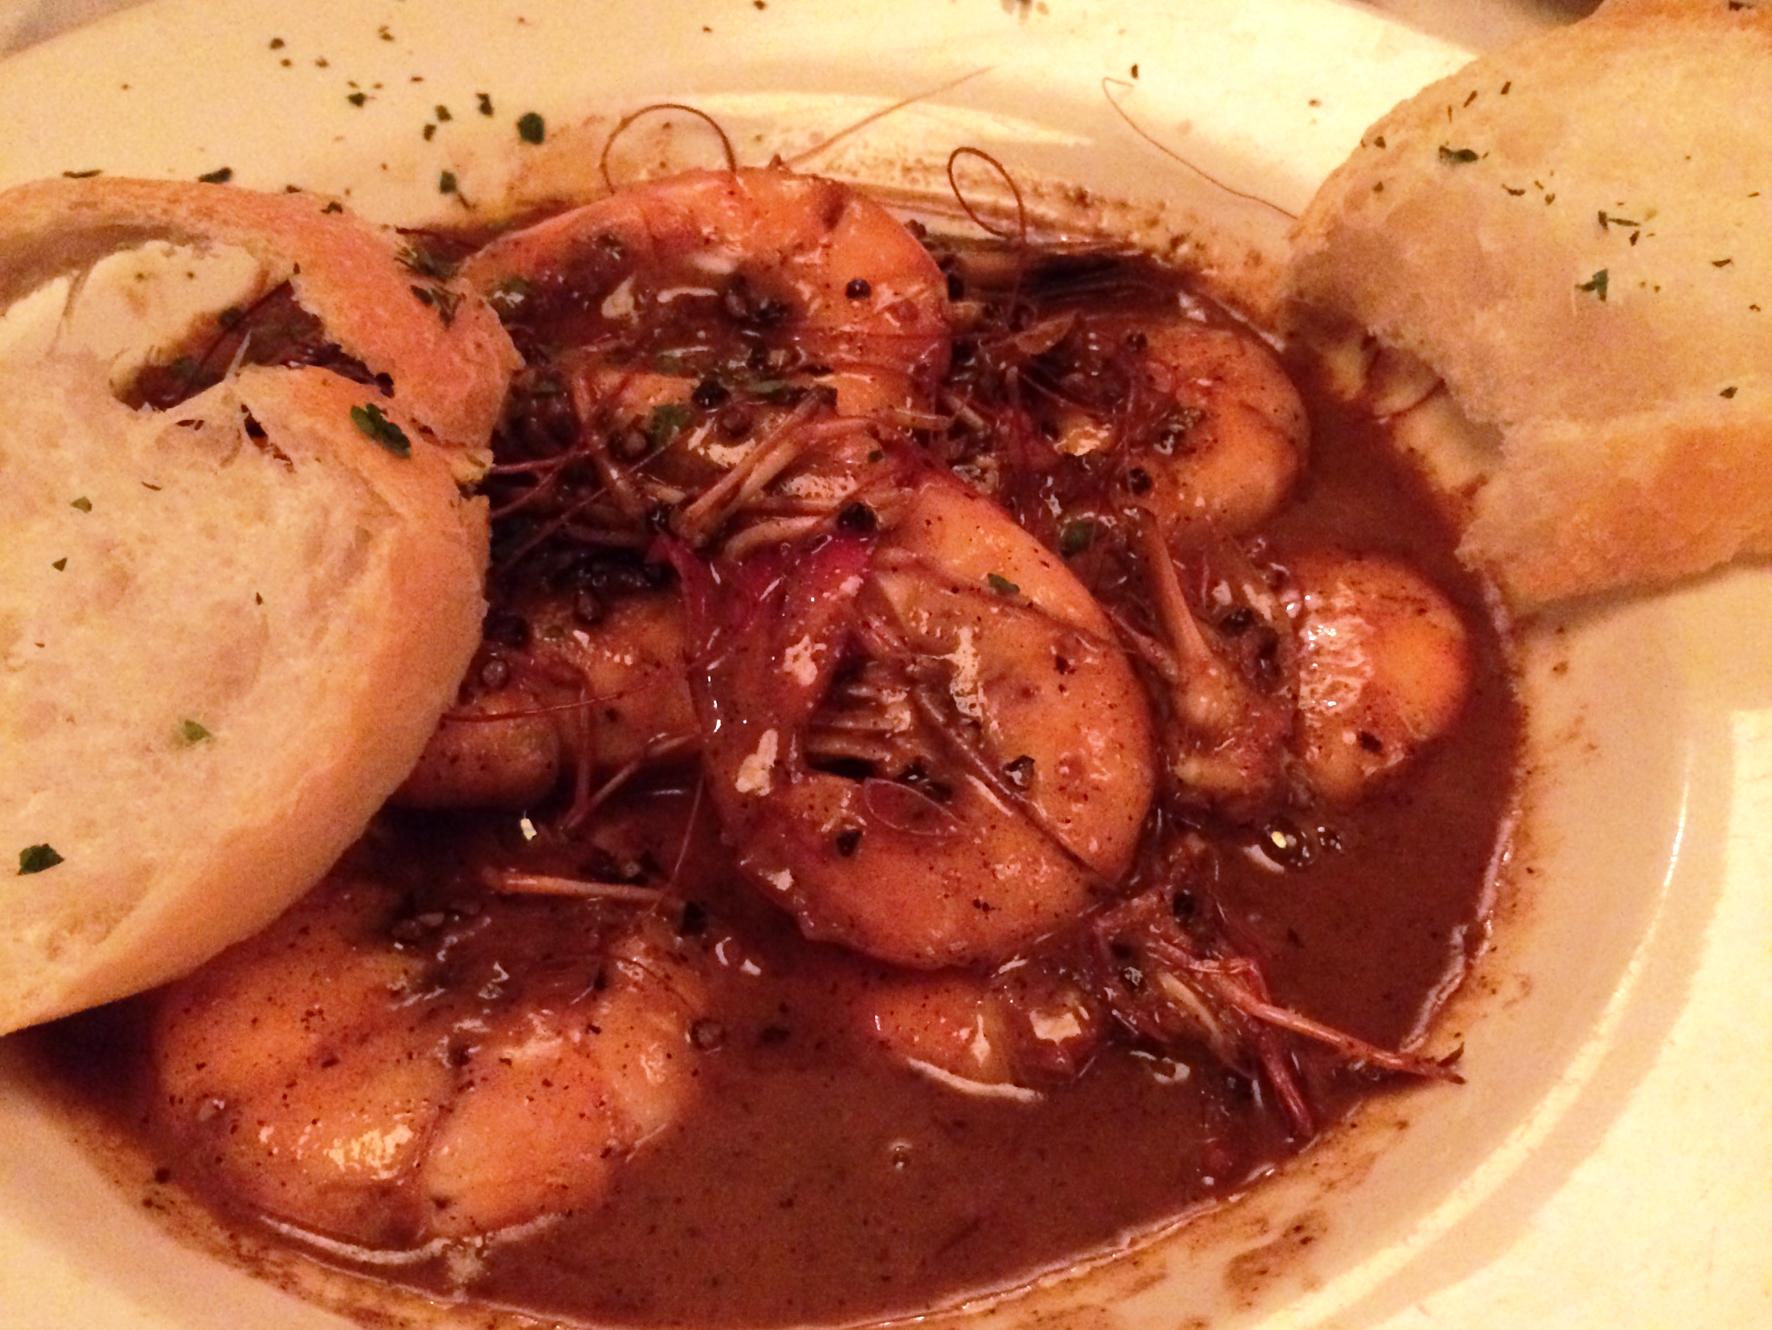 New Orleans Mr B's Bistro - barbeque shrimp